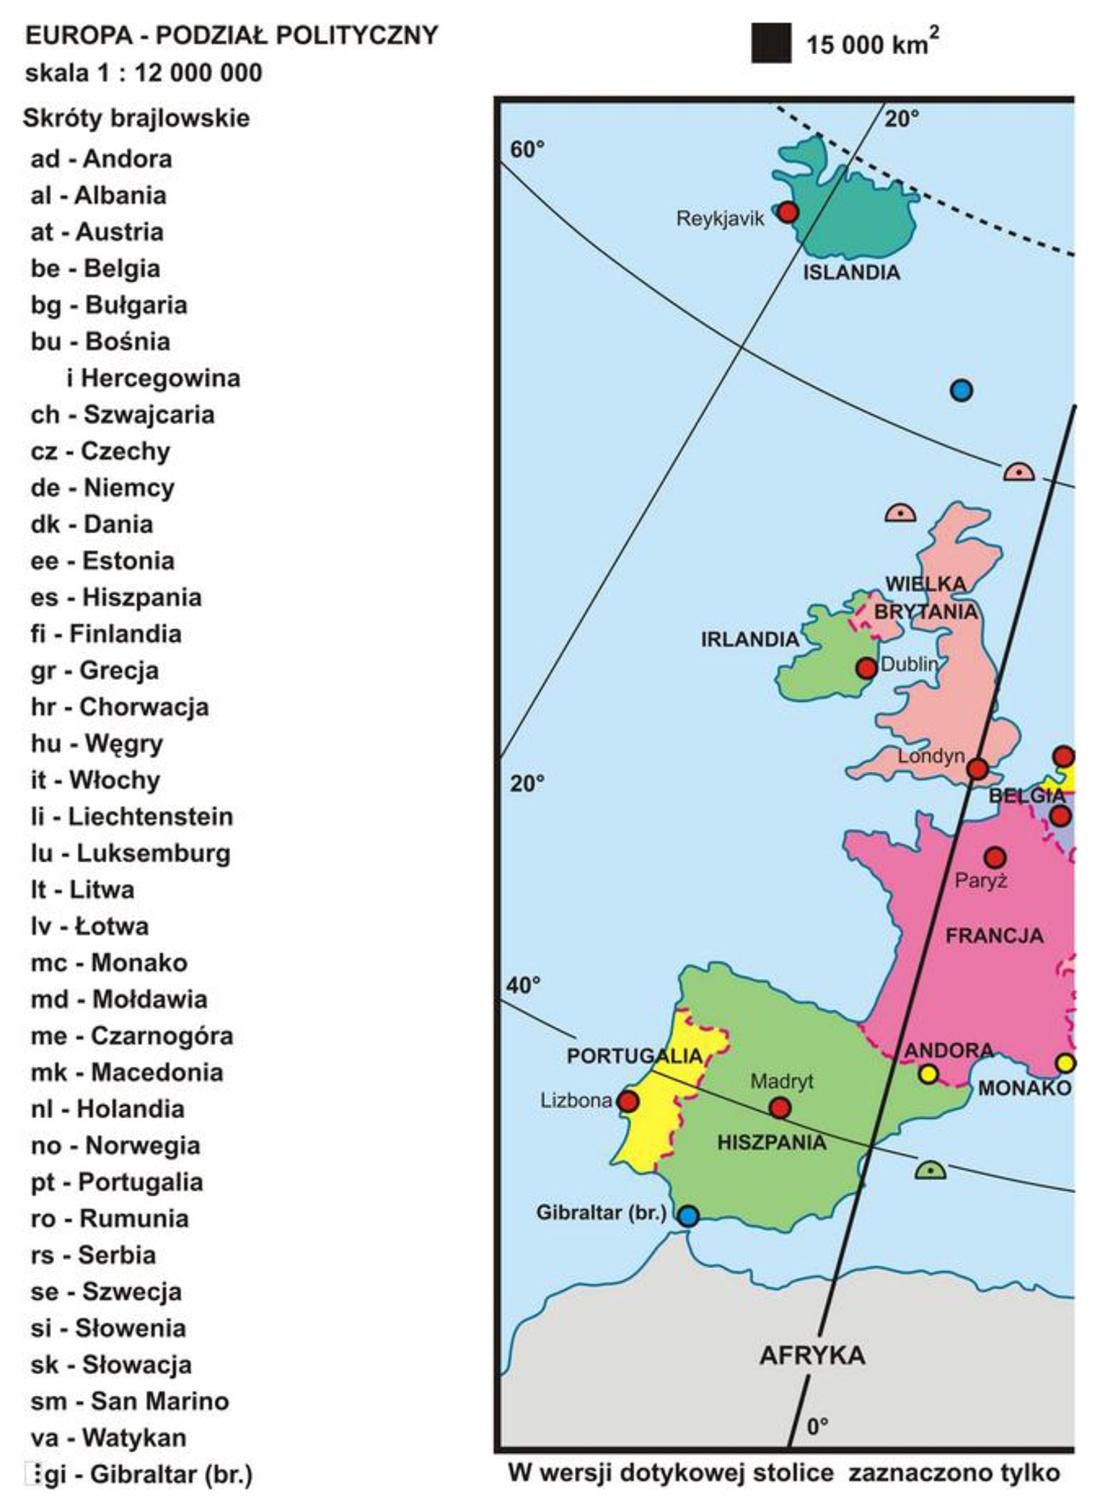 24 Europa Podział Polityczny